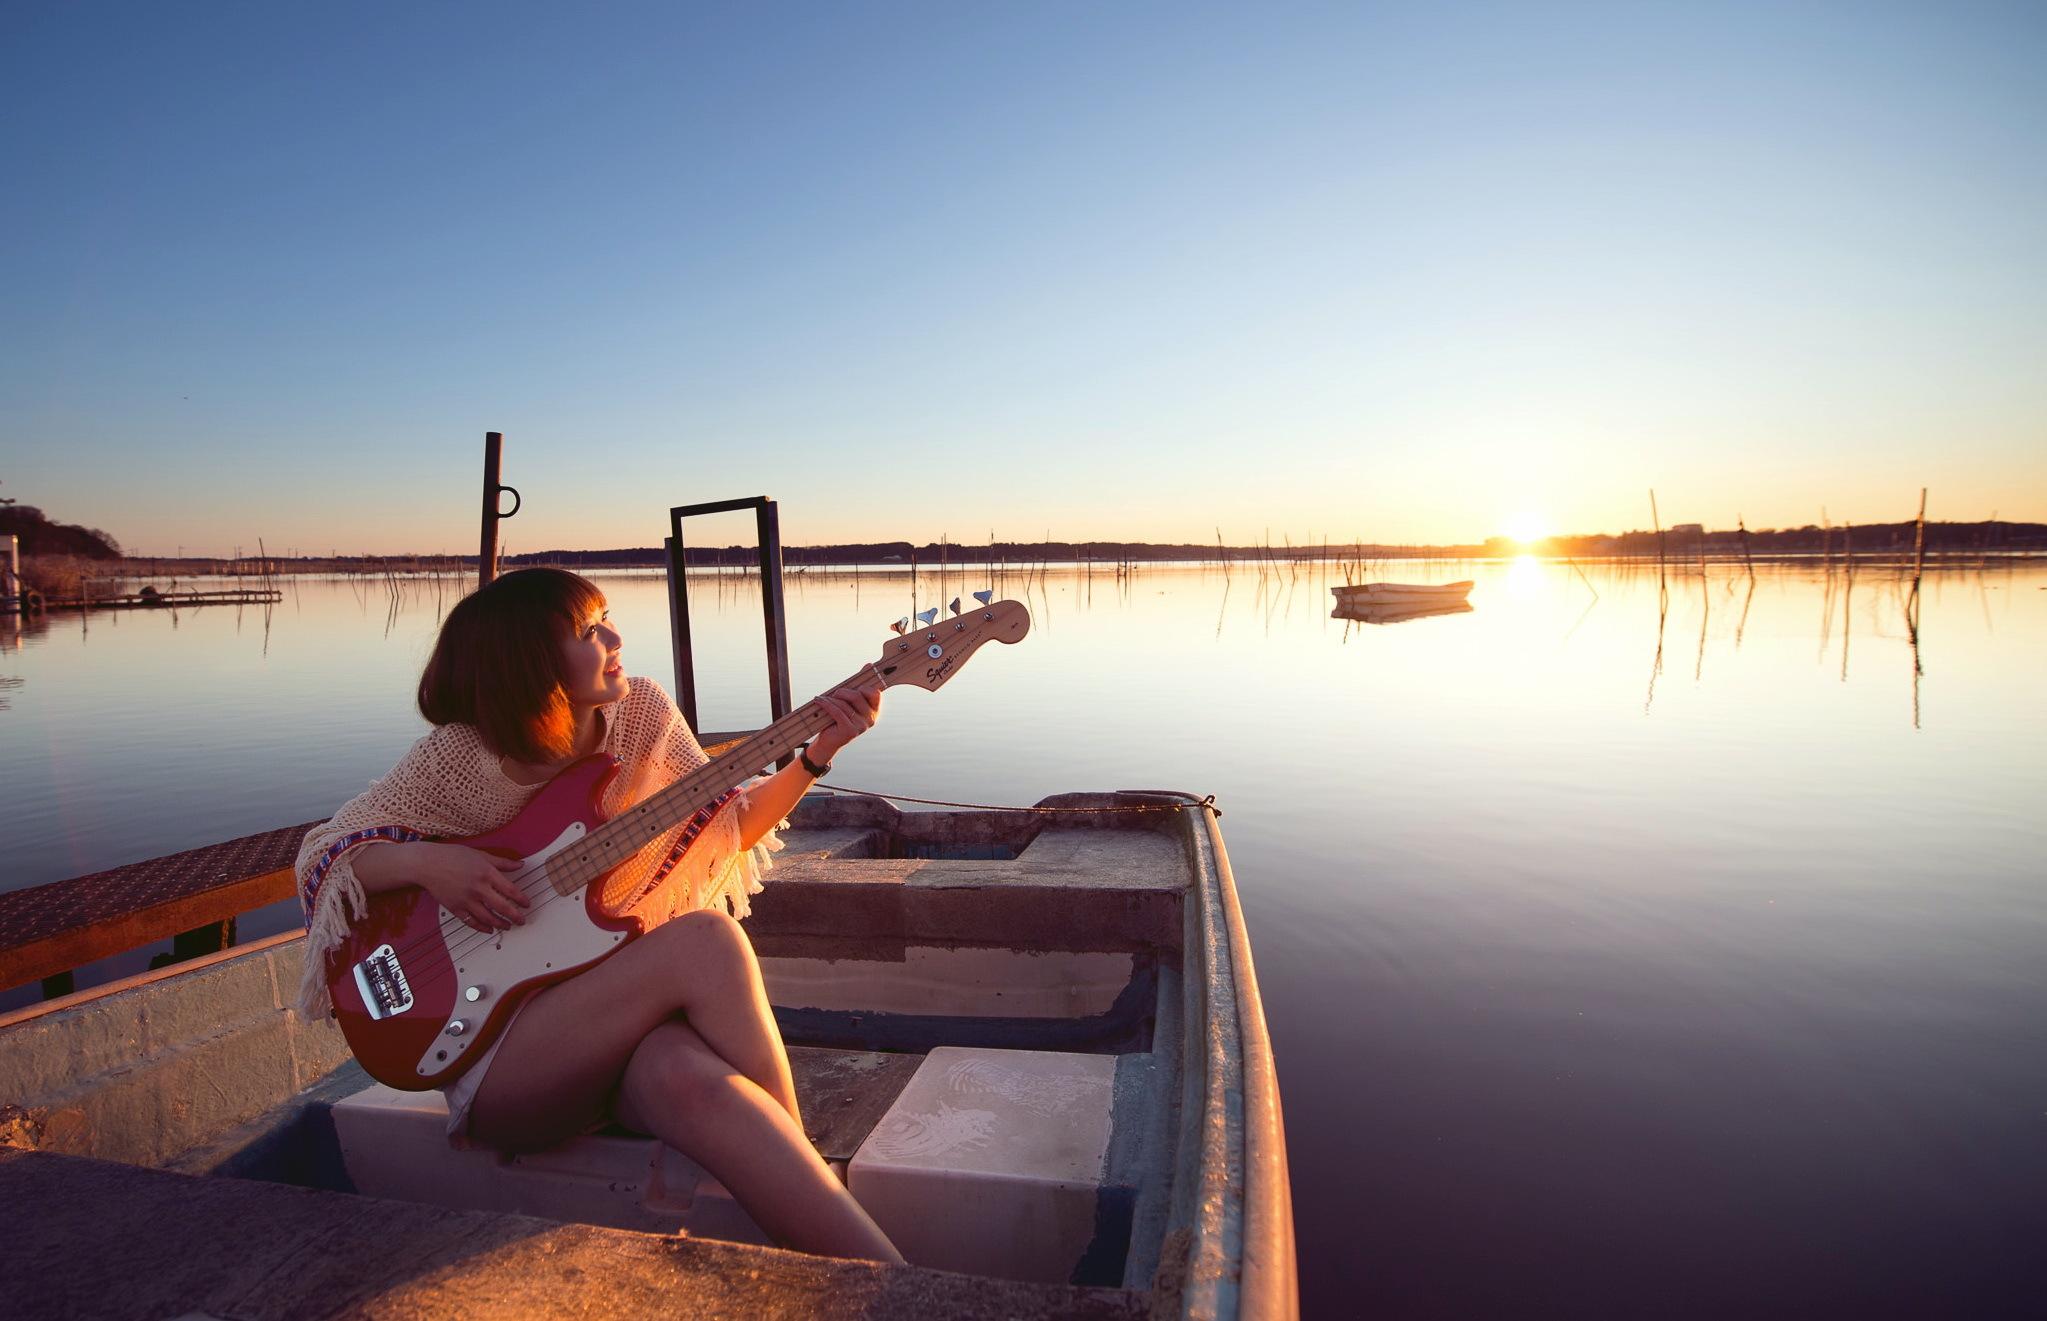 лодка в море музыка